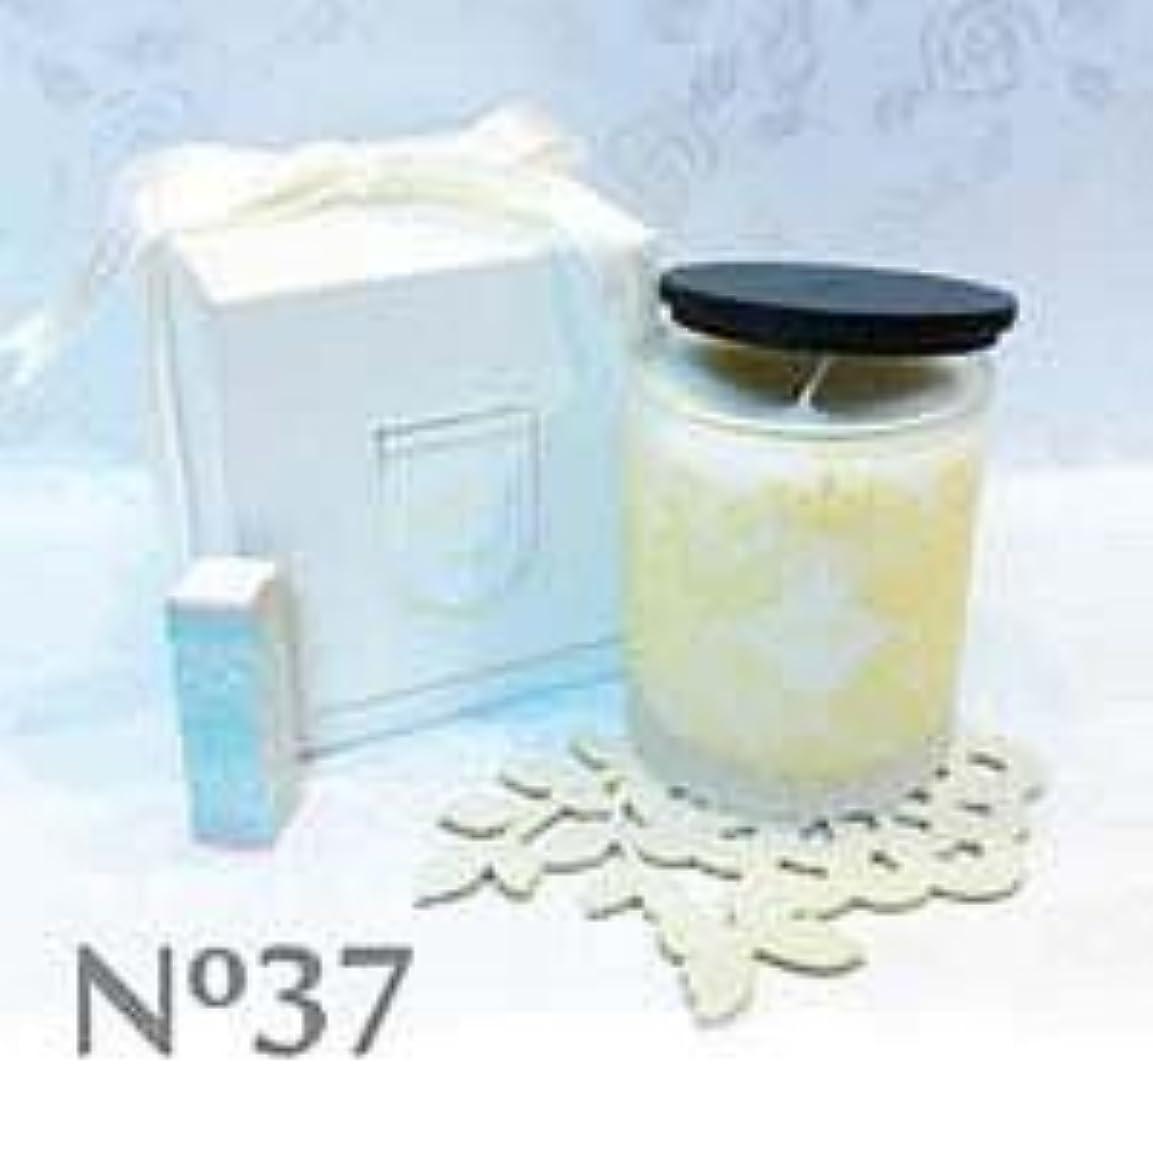 めったに前売ラフ睡眠アロマキャンドル parfum No.37